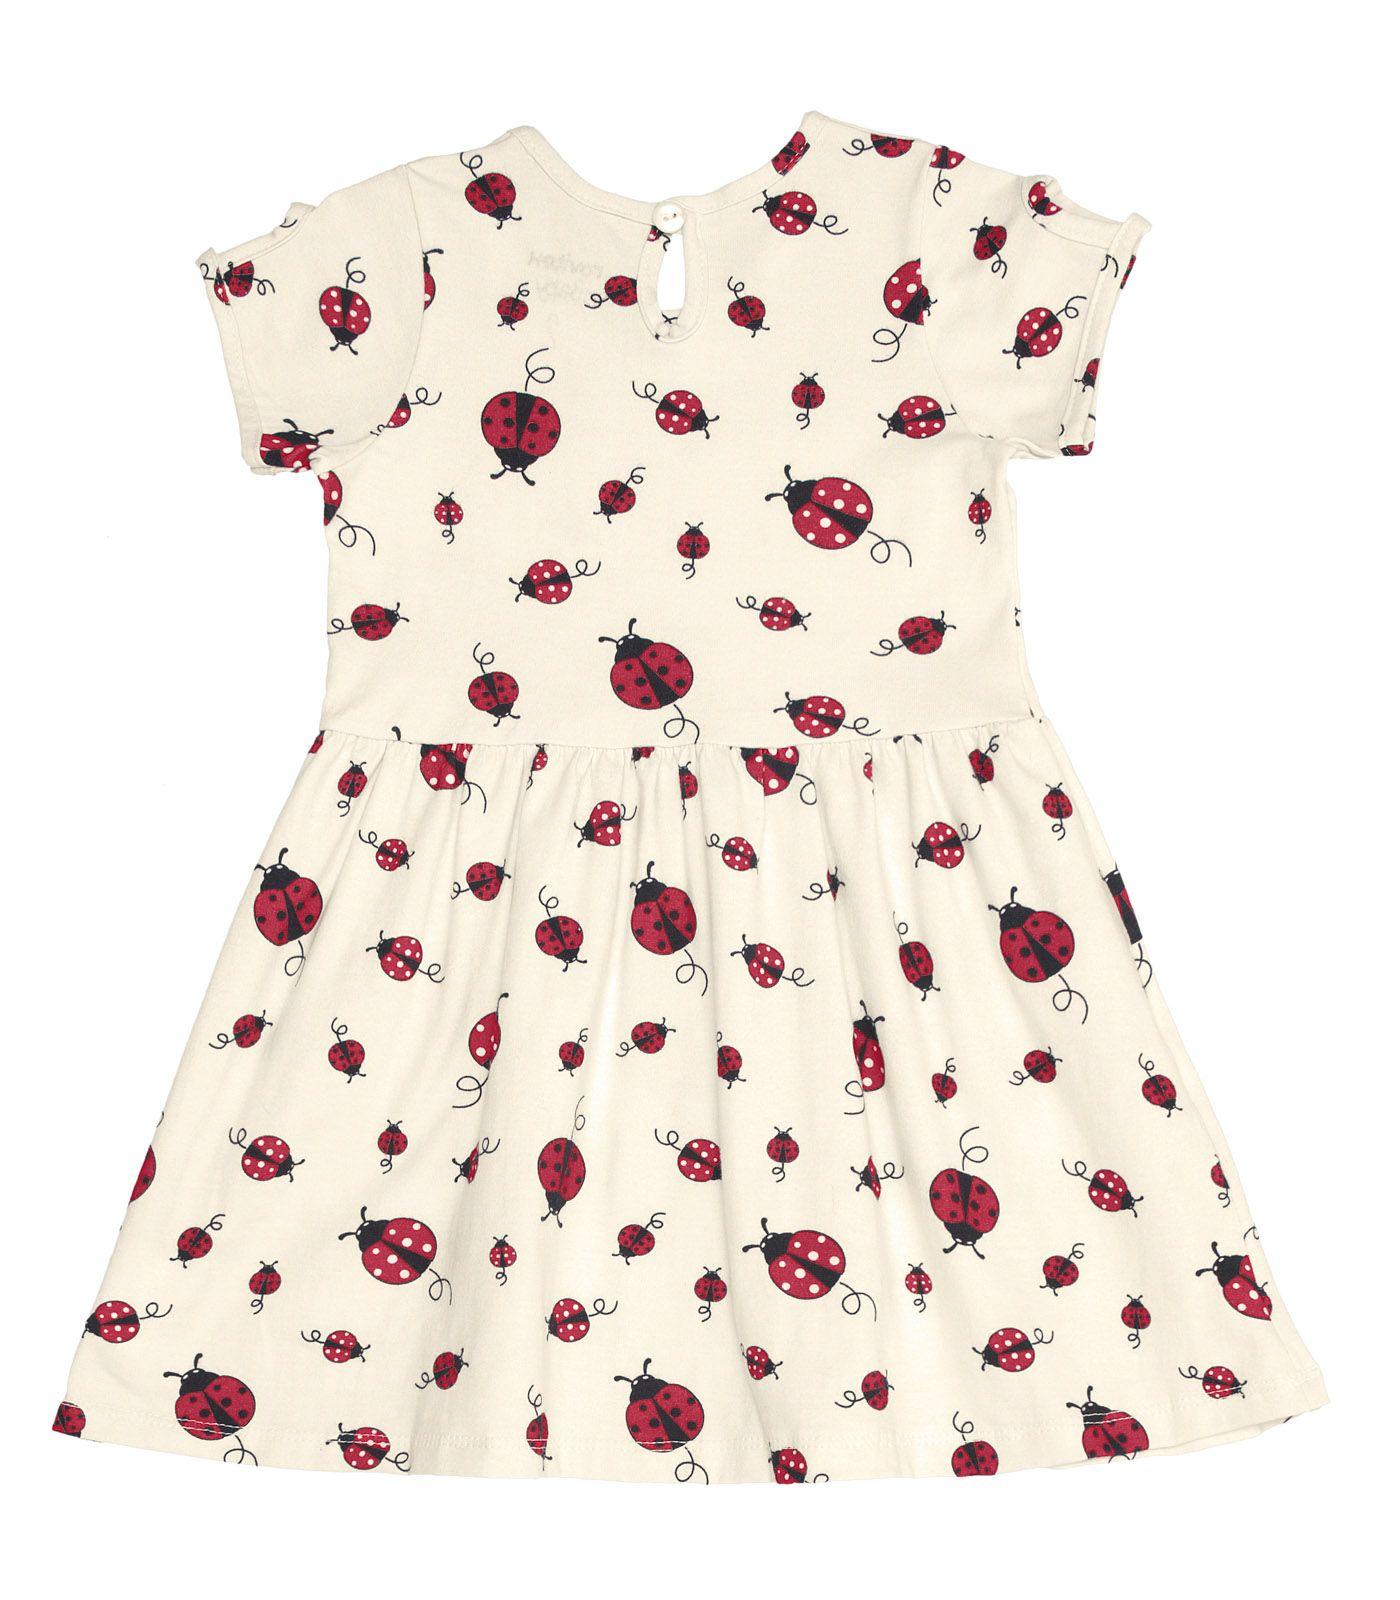 Vestido Cotton Leve Joaninha - Rovitex Kids